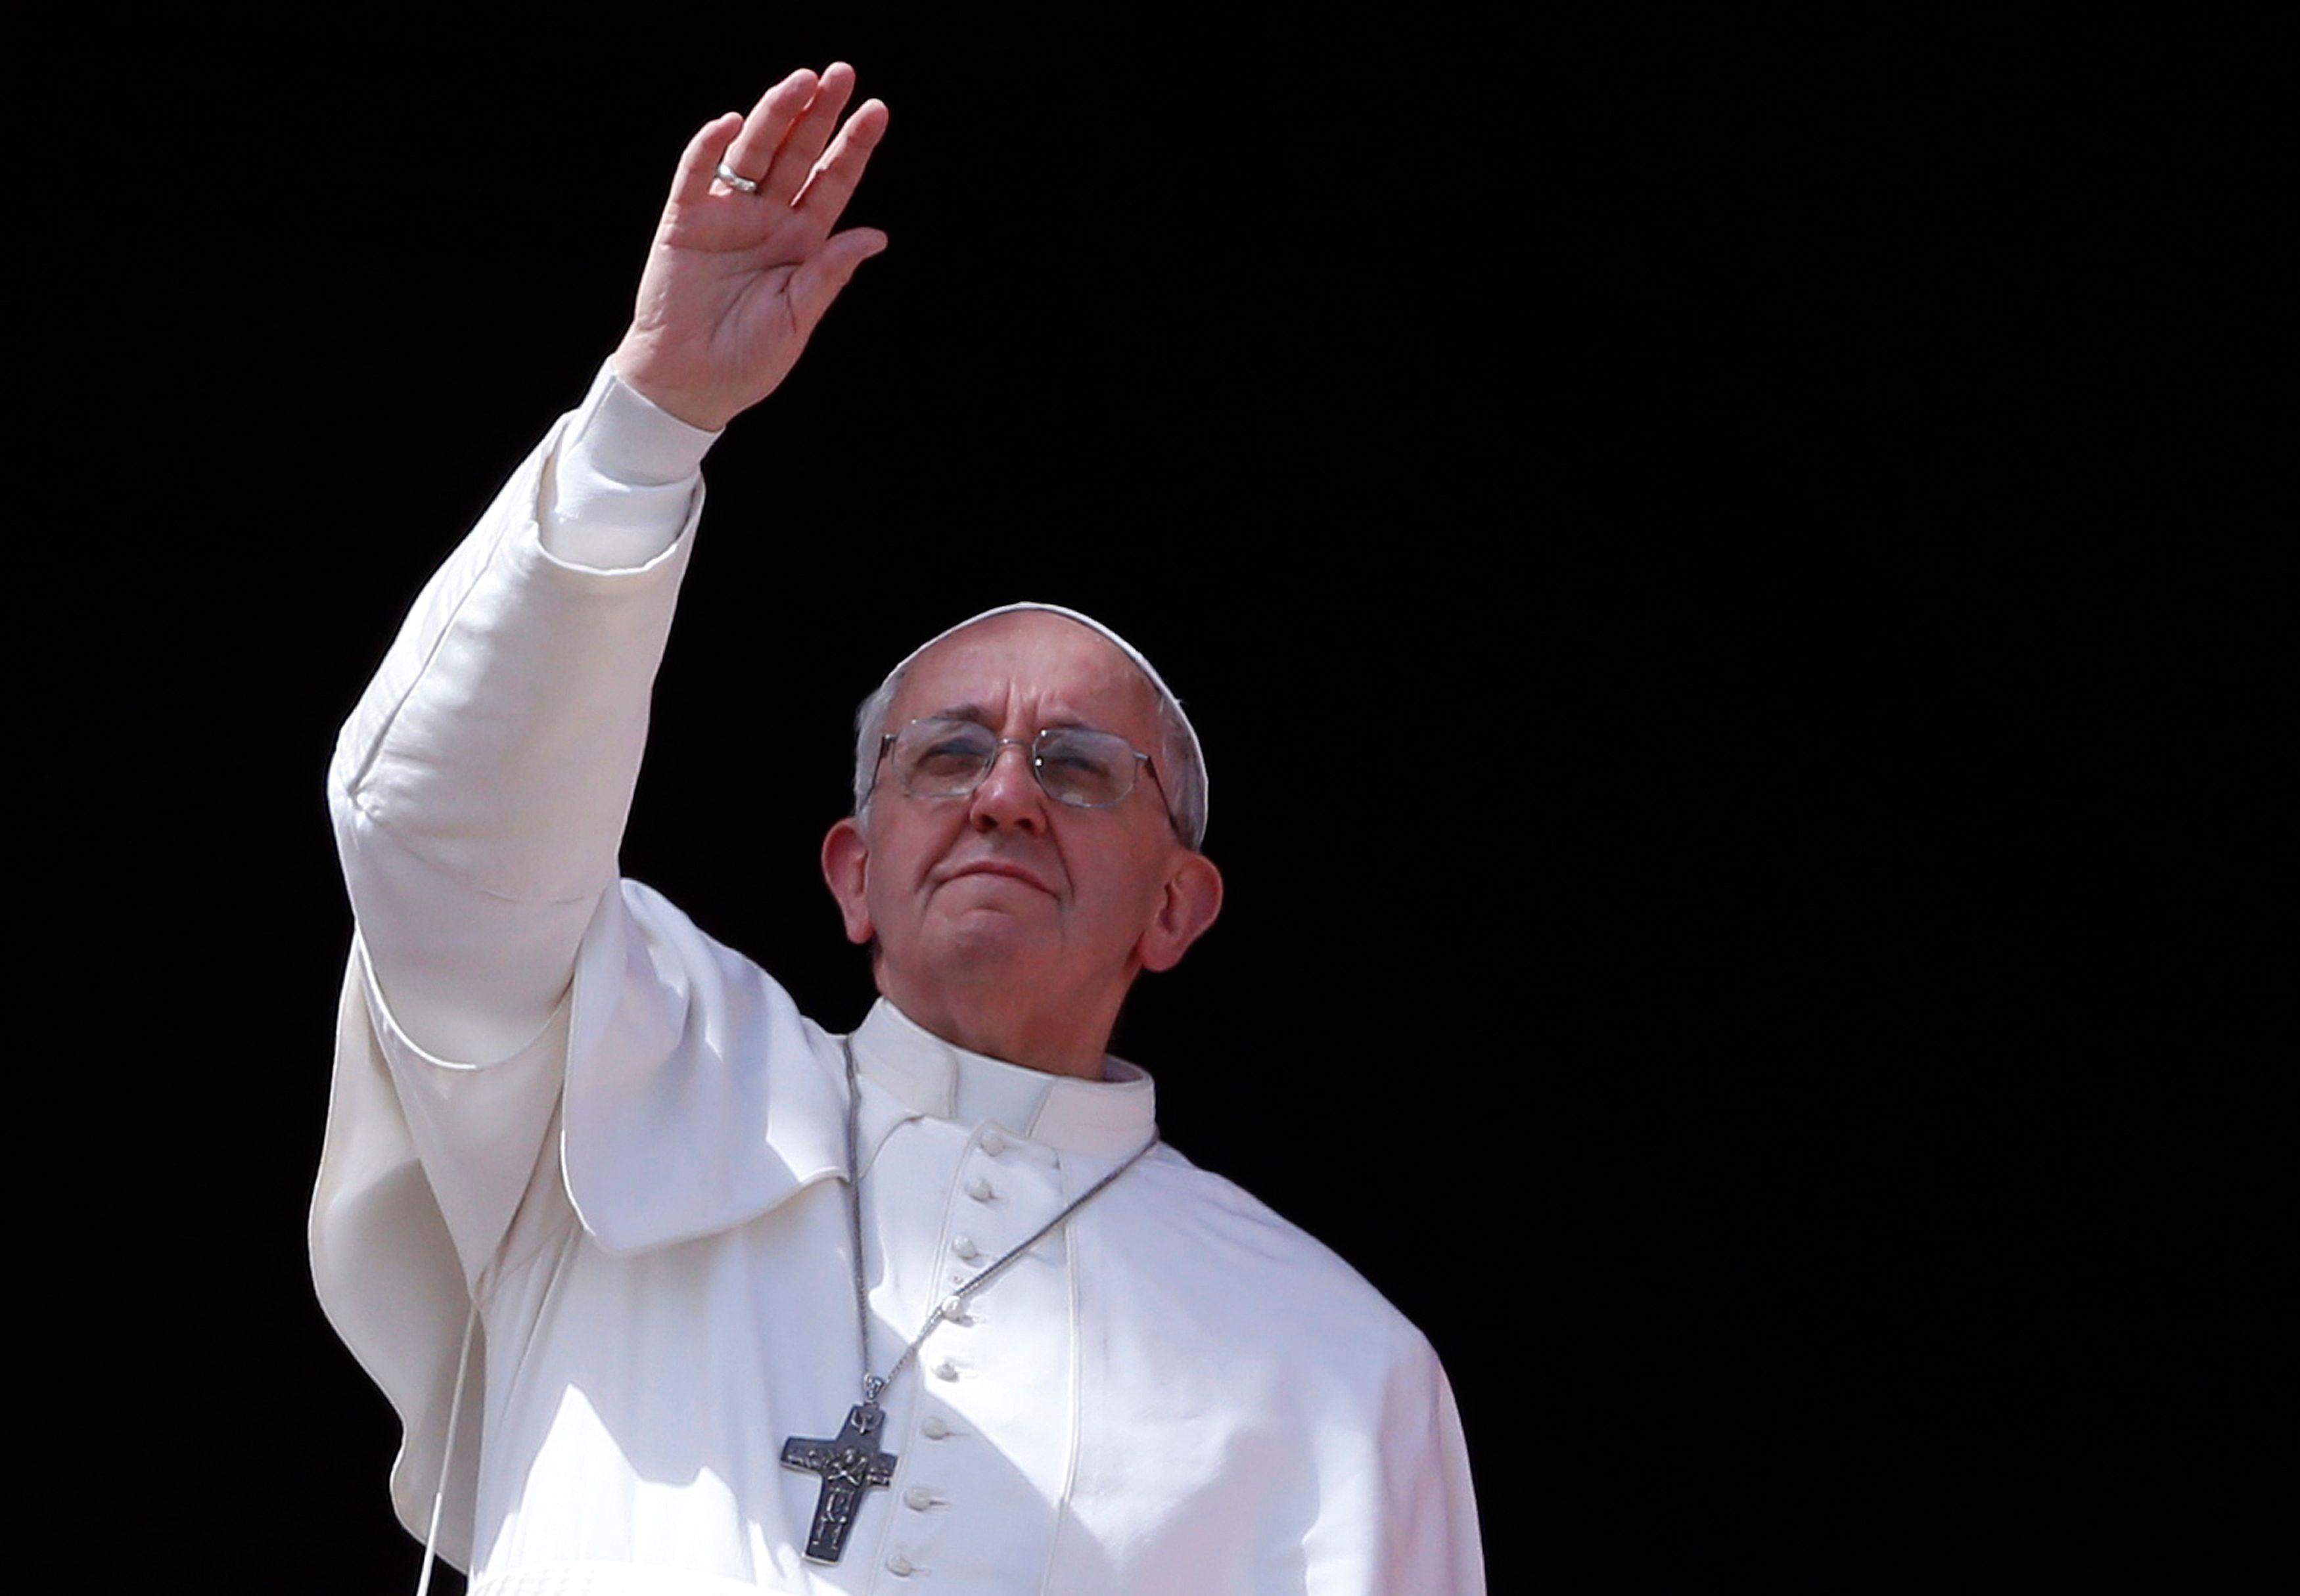 Dans l'avion du retour de son voyage en Corée du Sud, le pape François a mentionné aux journalistes l'éventualité d'une démission au cas où il ne se sentait plus à même d'assurer ses fonctions.